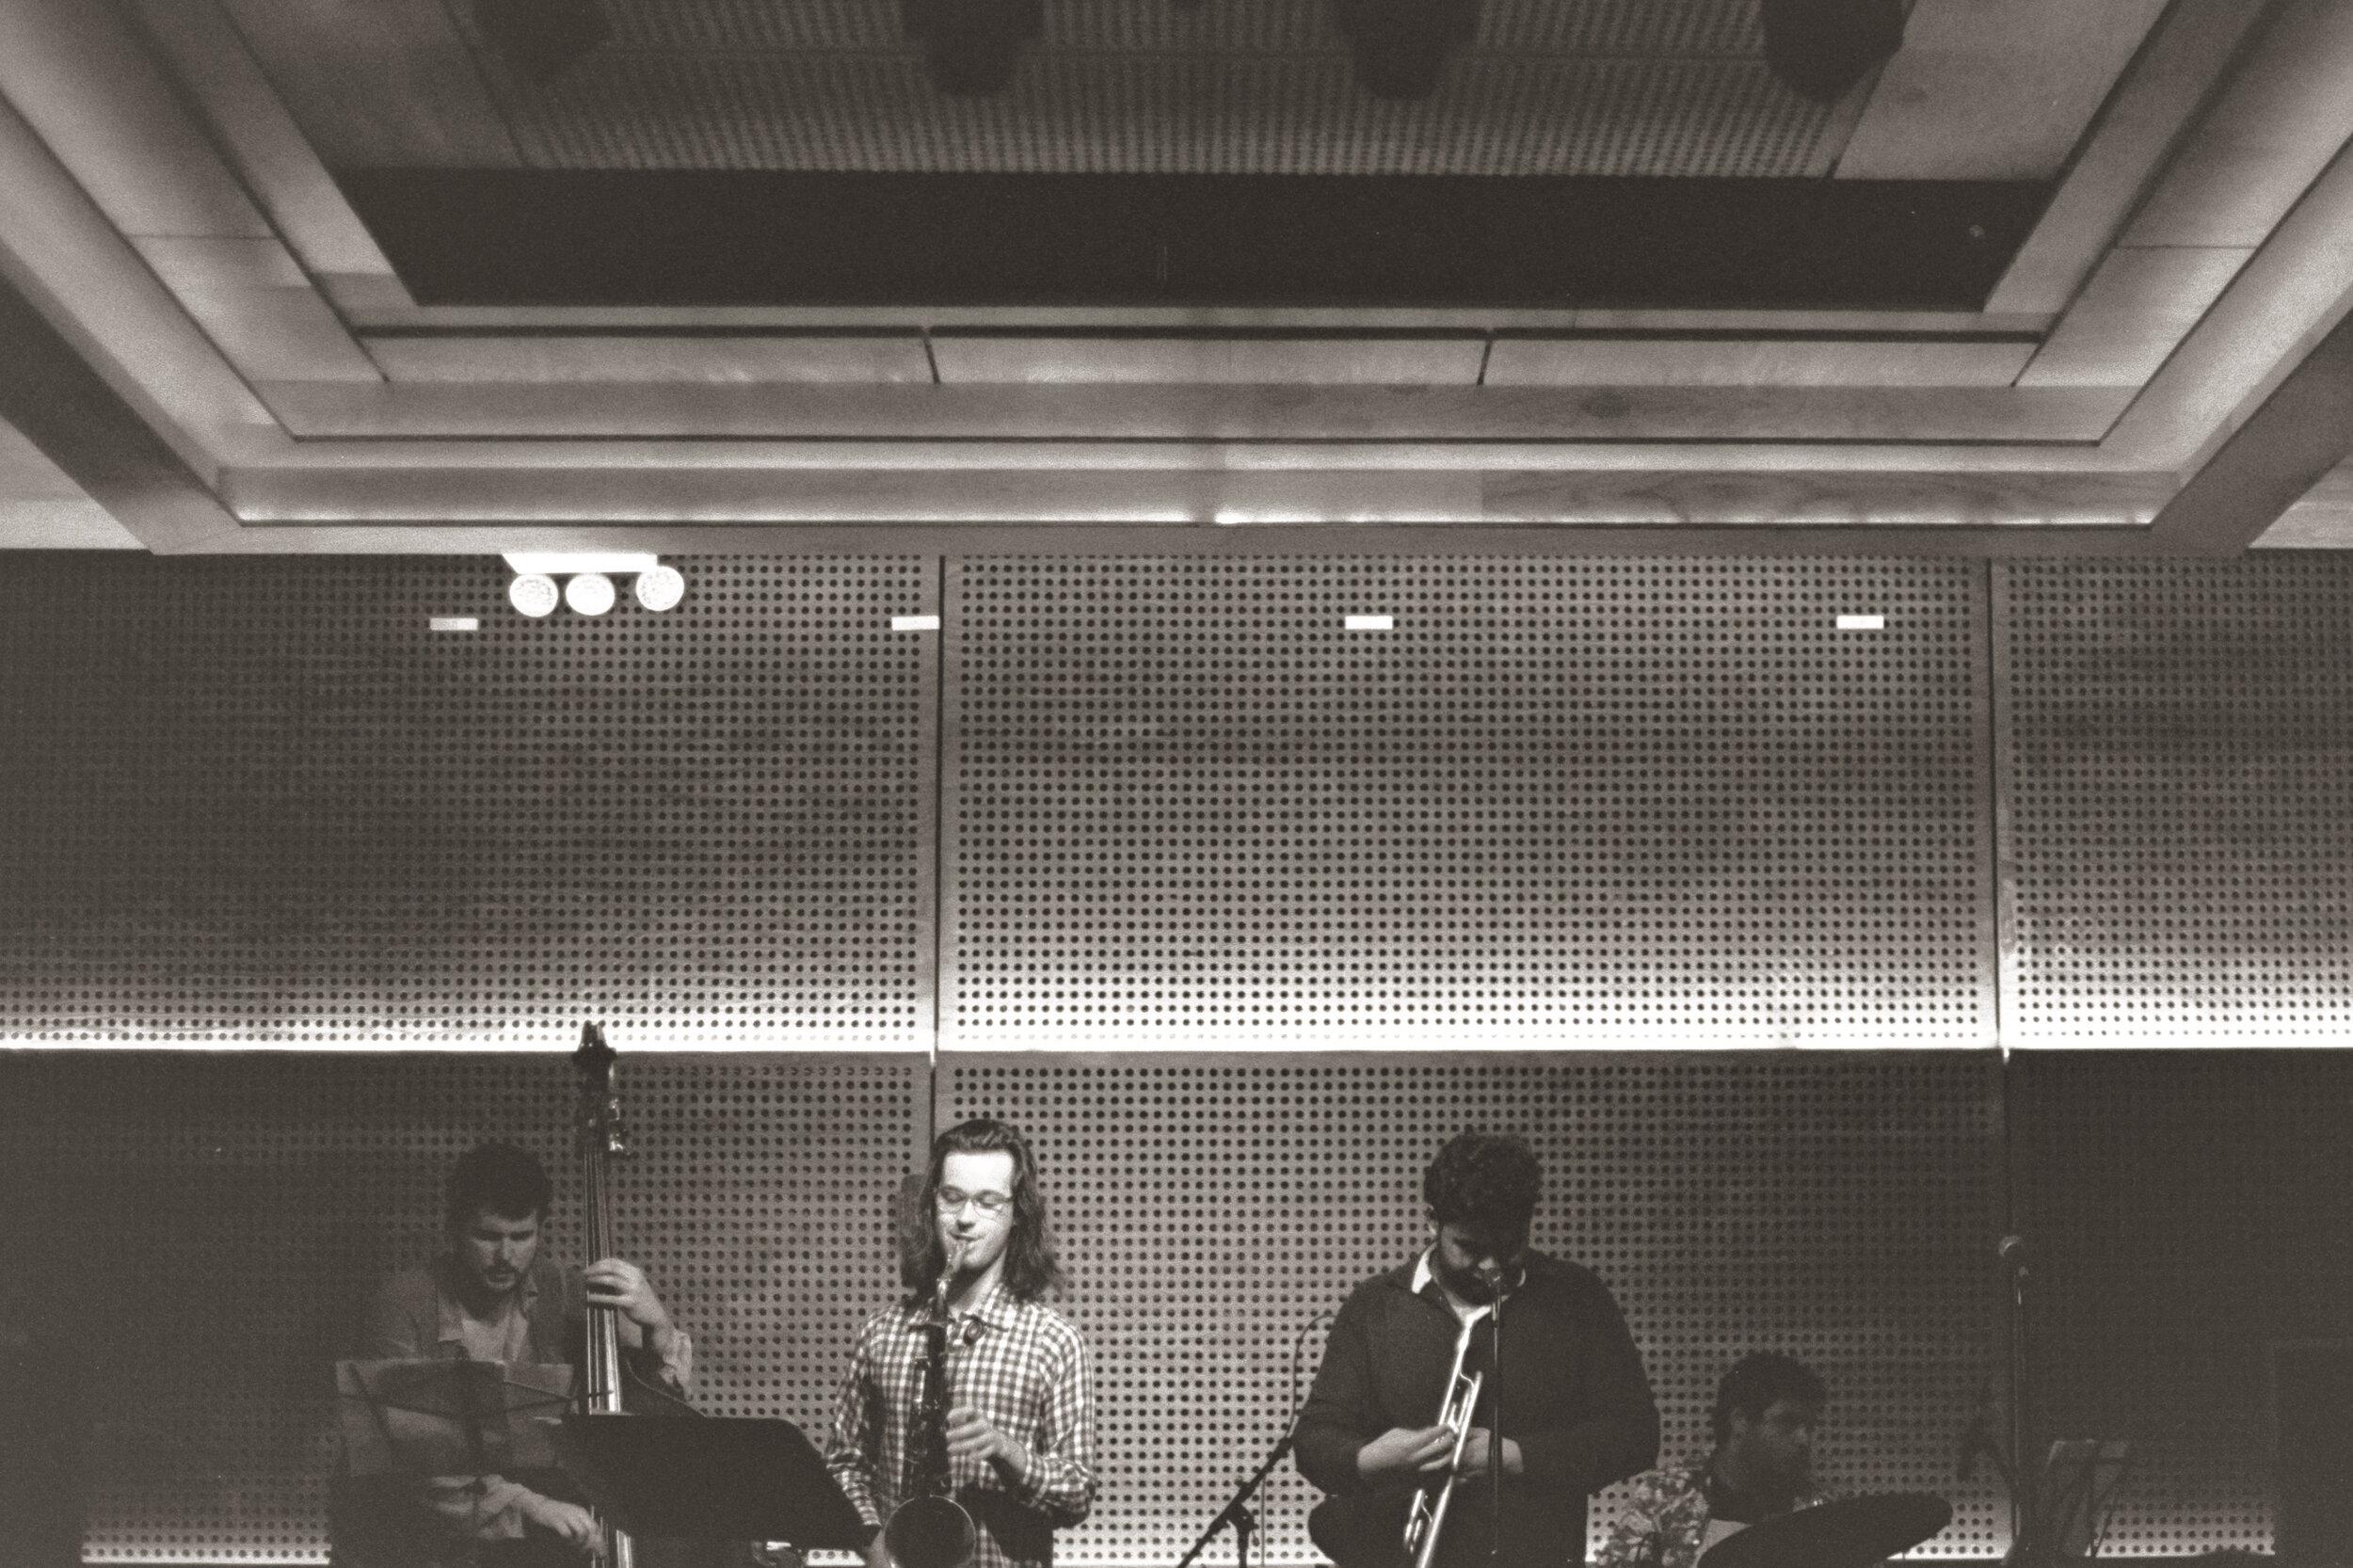 L to R: Walter Stinson (bass), Xavier Con Castillo (sax), Adam O'Farrill (trumpet), Zack O'Farrill (drums)